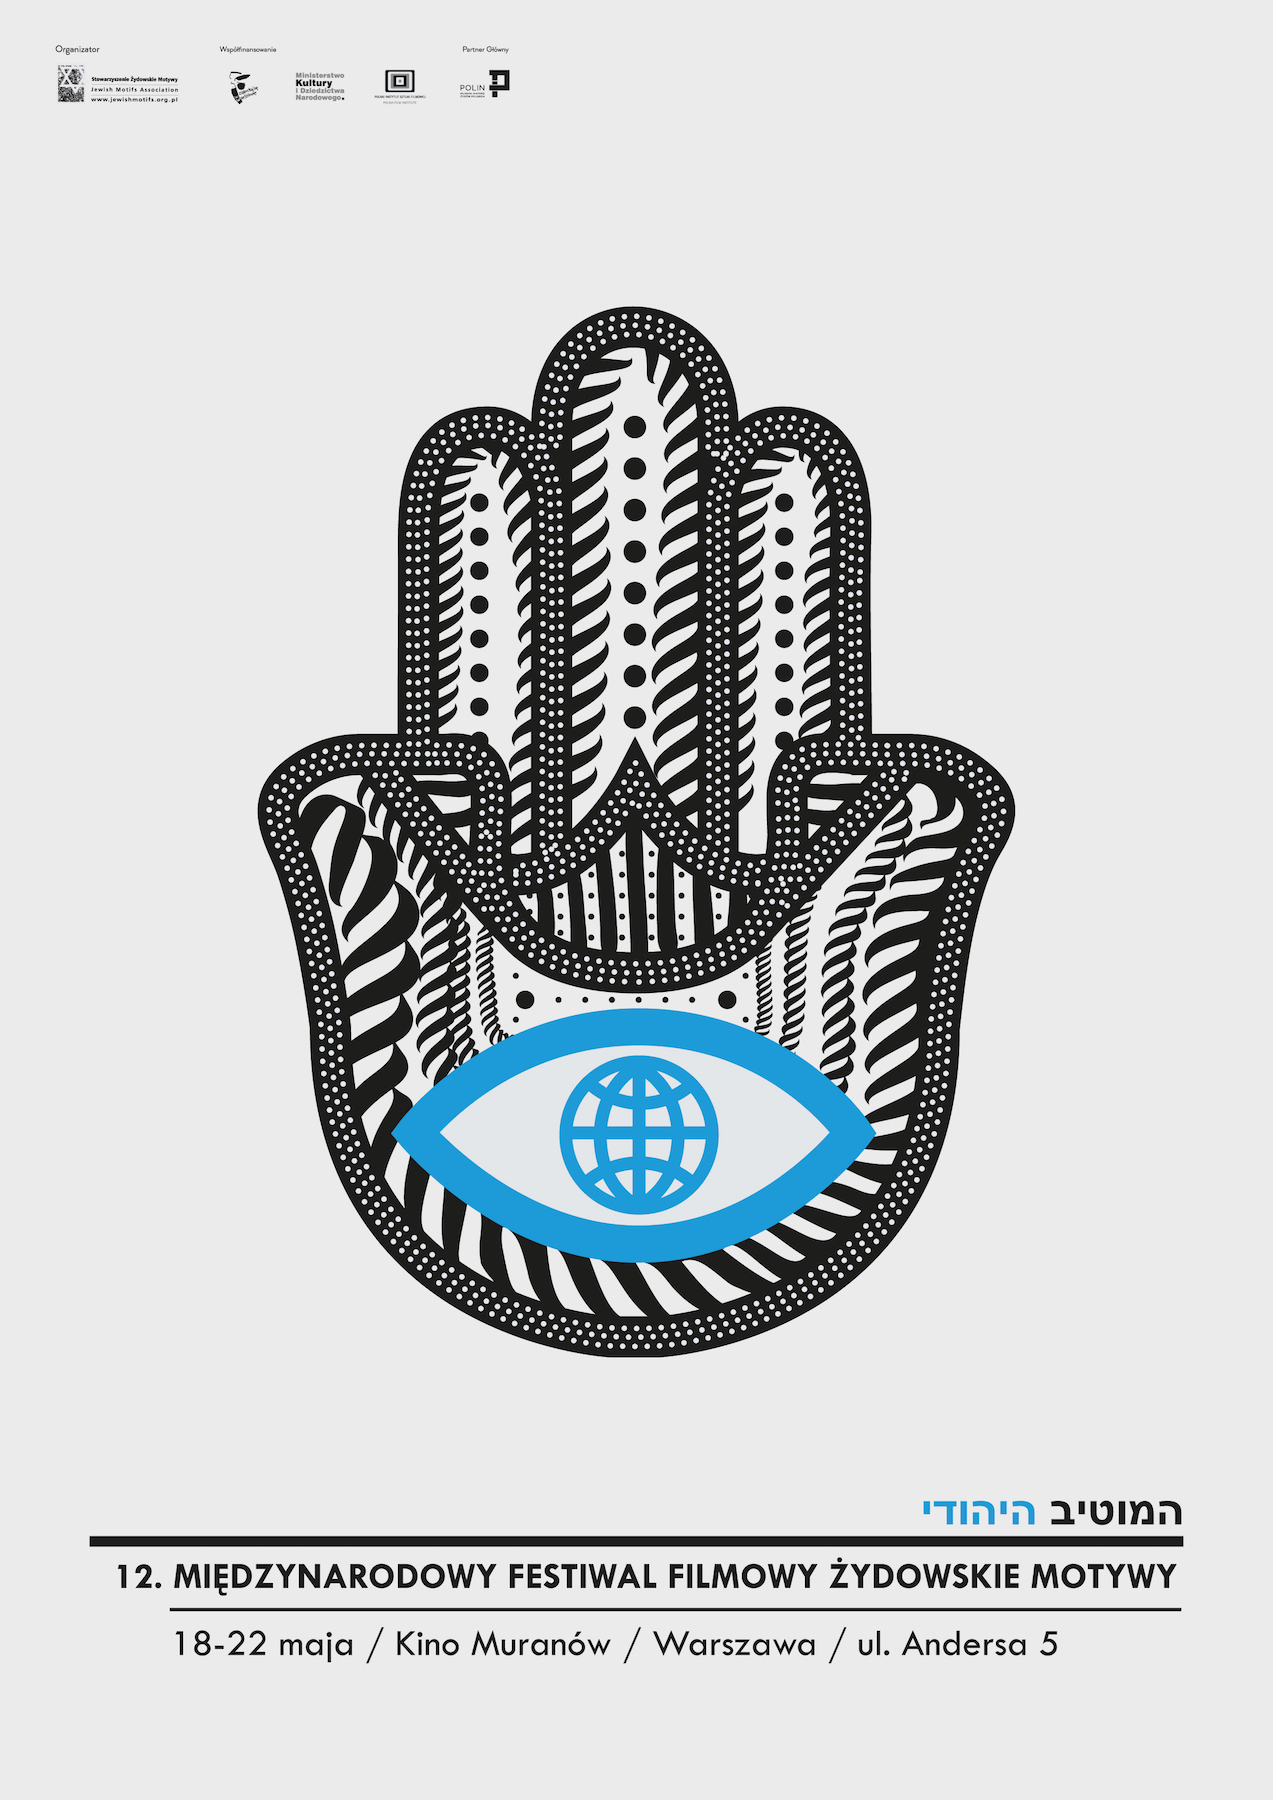 12. Międzynarodowy Festiwal Filmowy Żydowskie Motywy – plakat (źródło: materiały prasowe organizatora)